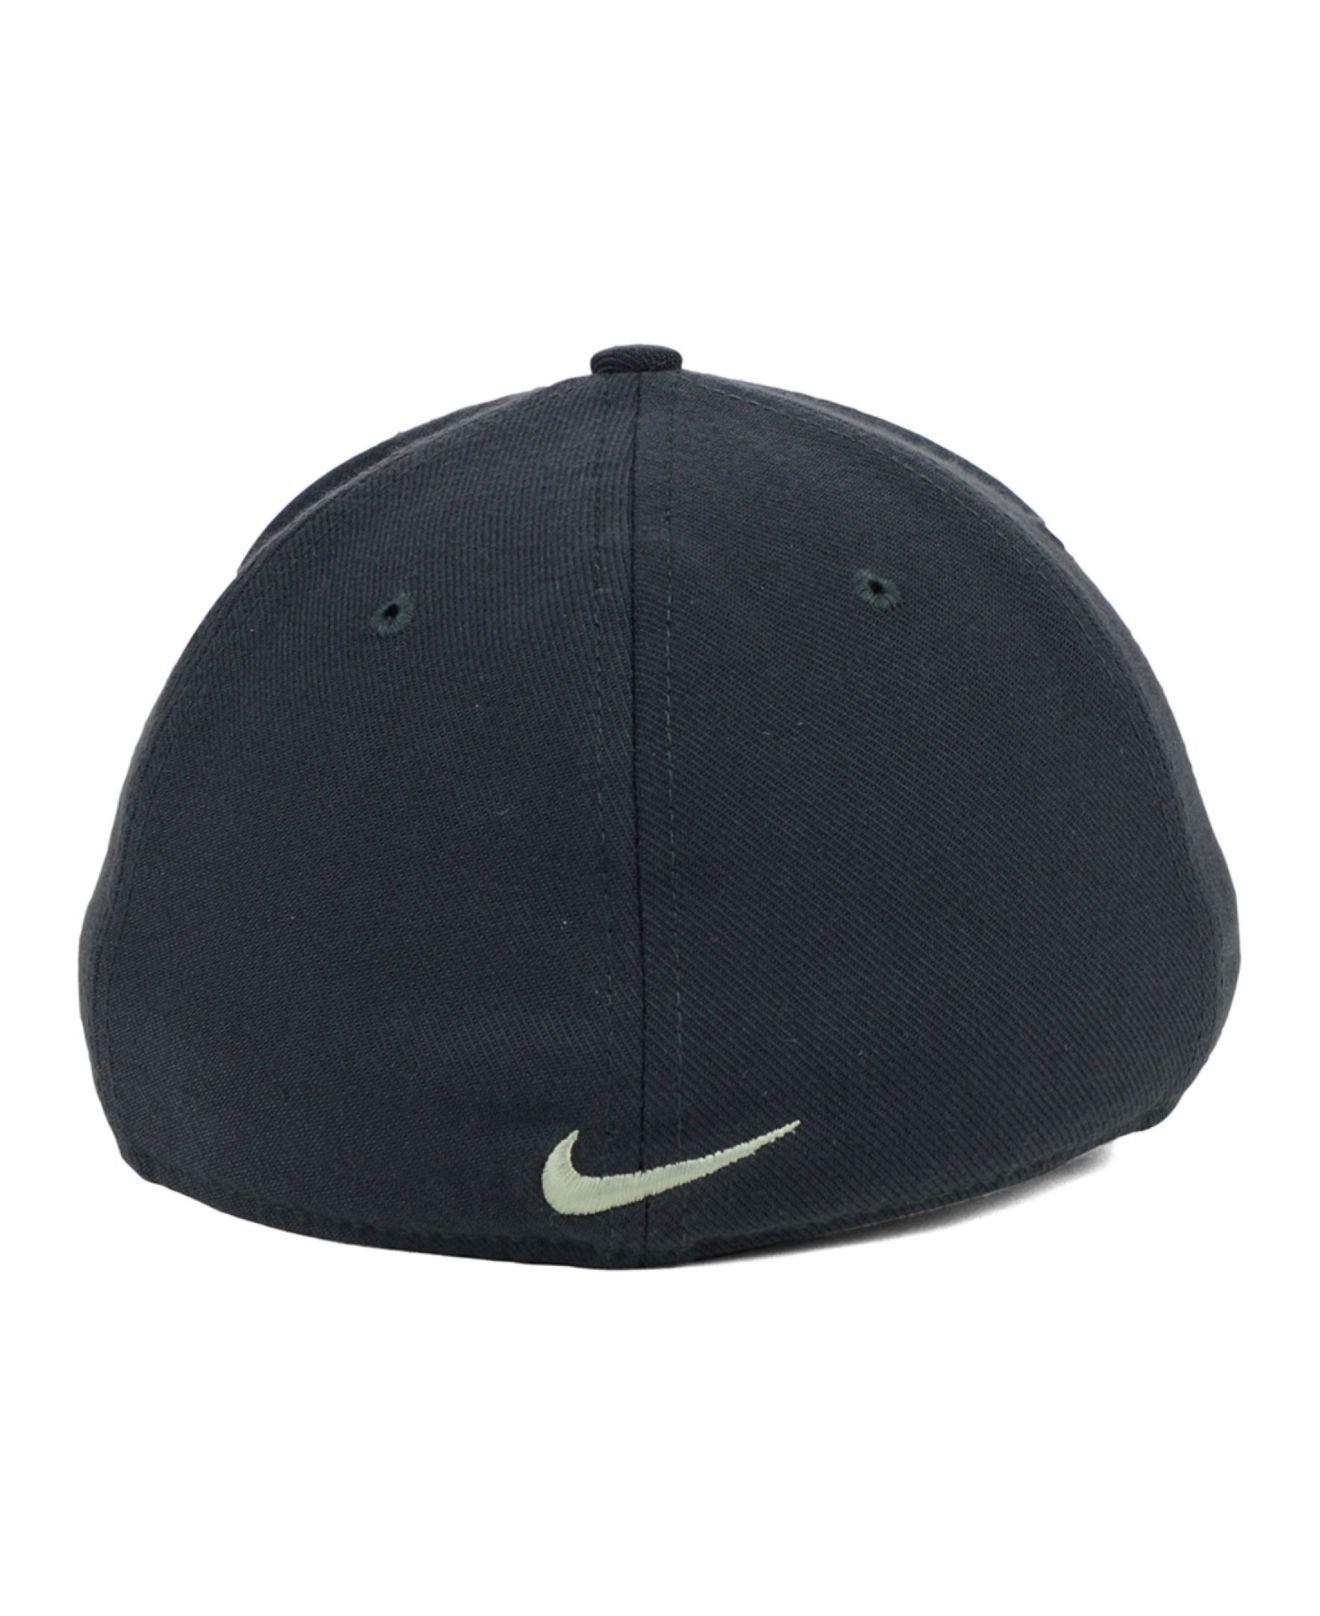 Lyst - Nike Army Black Knights True Platinum Swooshflex Cap in Gray ... e9864f3160b7